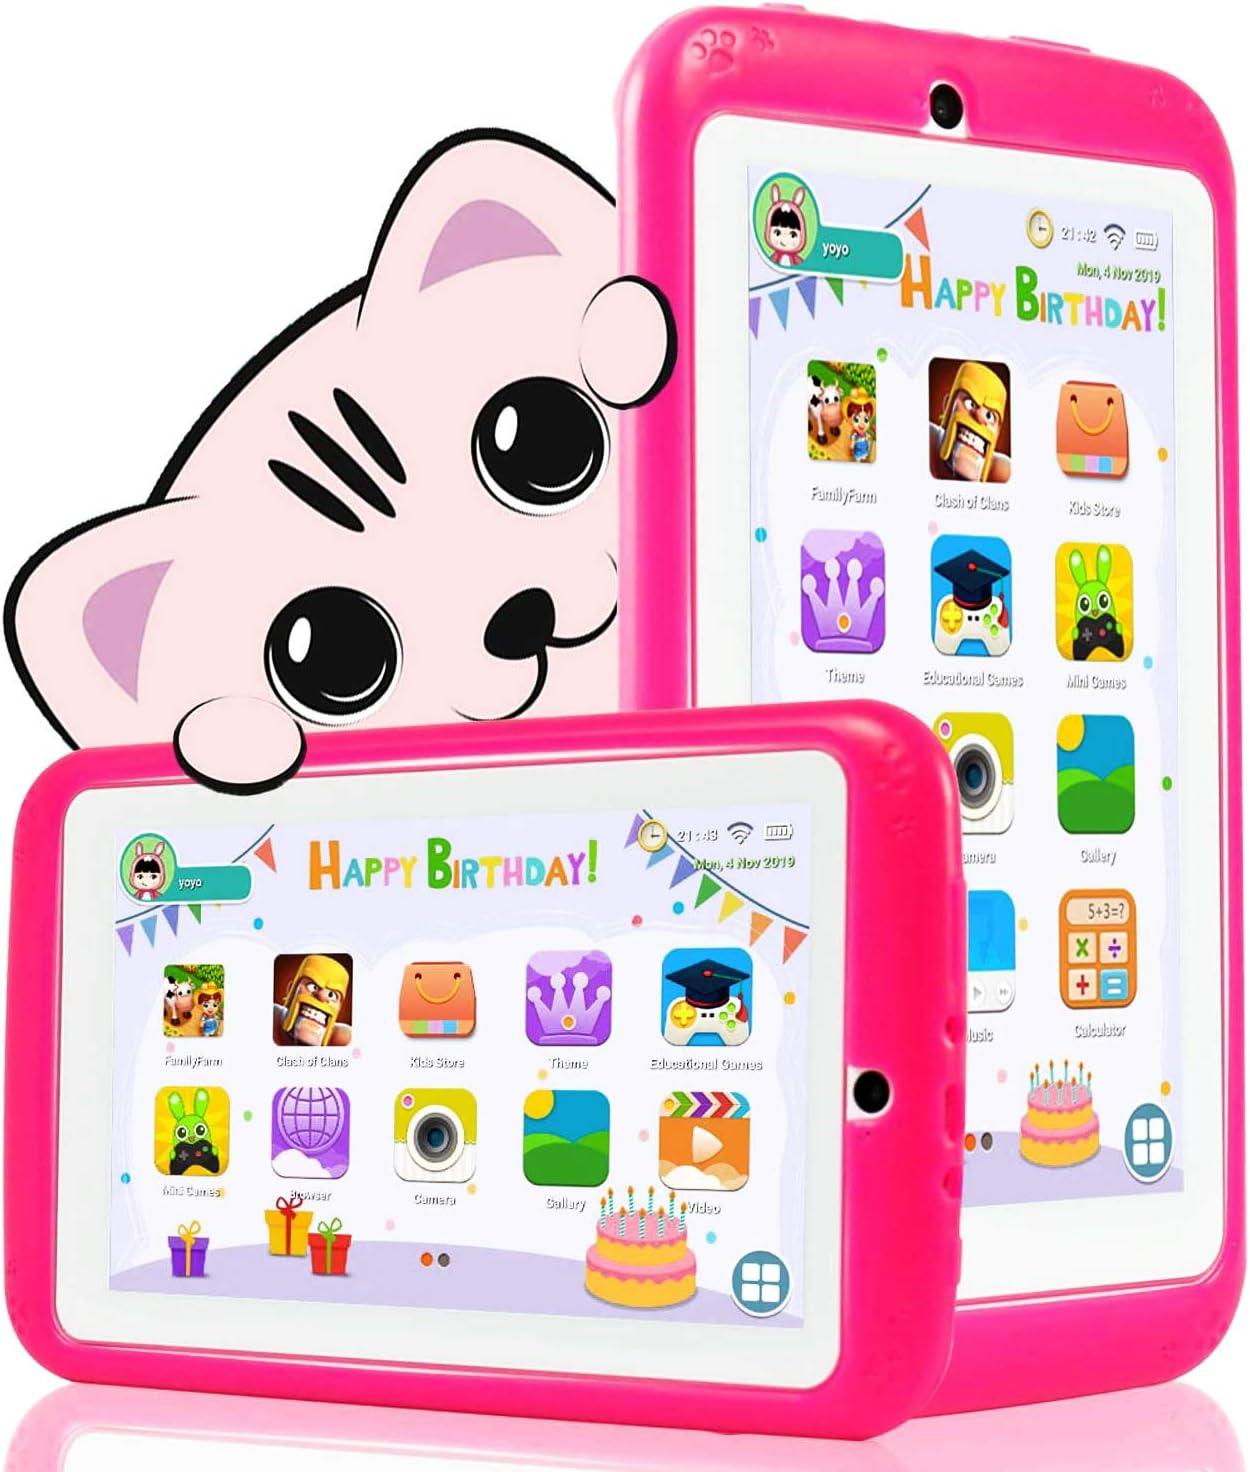 YESTEL Tablet per Bambini 7 Pollici Android 10.0 Kids Tablet e Quad Core 1 GB RAM e 16 GB Rom con Wi-Fi e Bluetooth 1024 * 600 IPS Doppia Fotocamera Educazione Allo Spettacolo Tablet per Bambini-Rosa